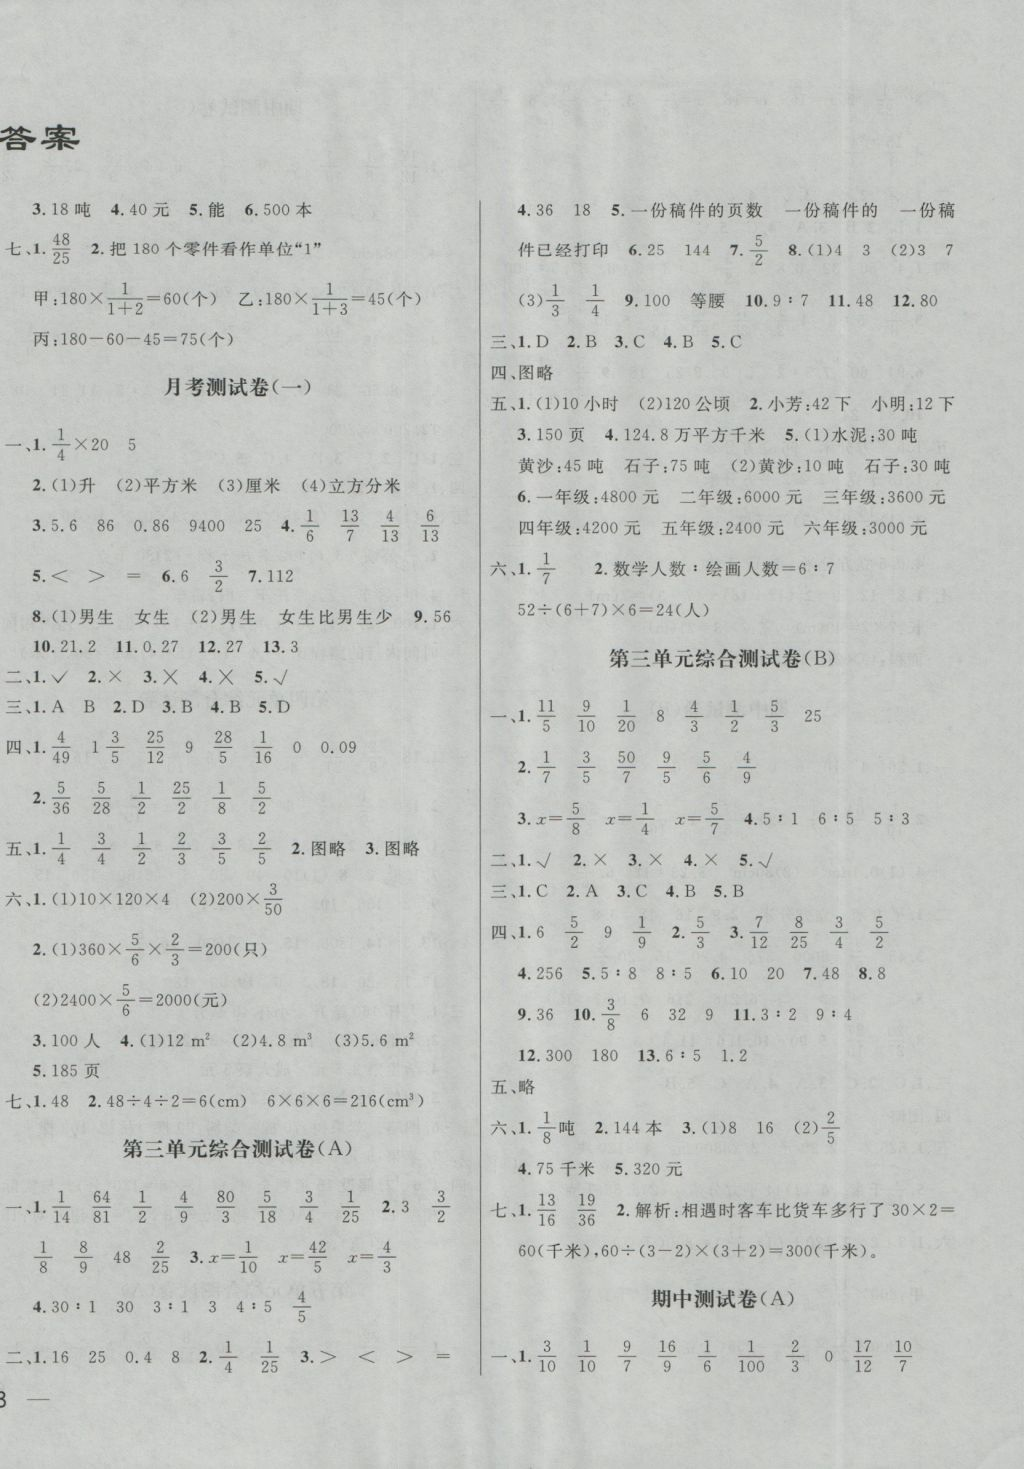 六年级上册试卷答案_2016年亮点给力大试卷六年级数学上册江苏版答案——青夏教育 ...